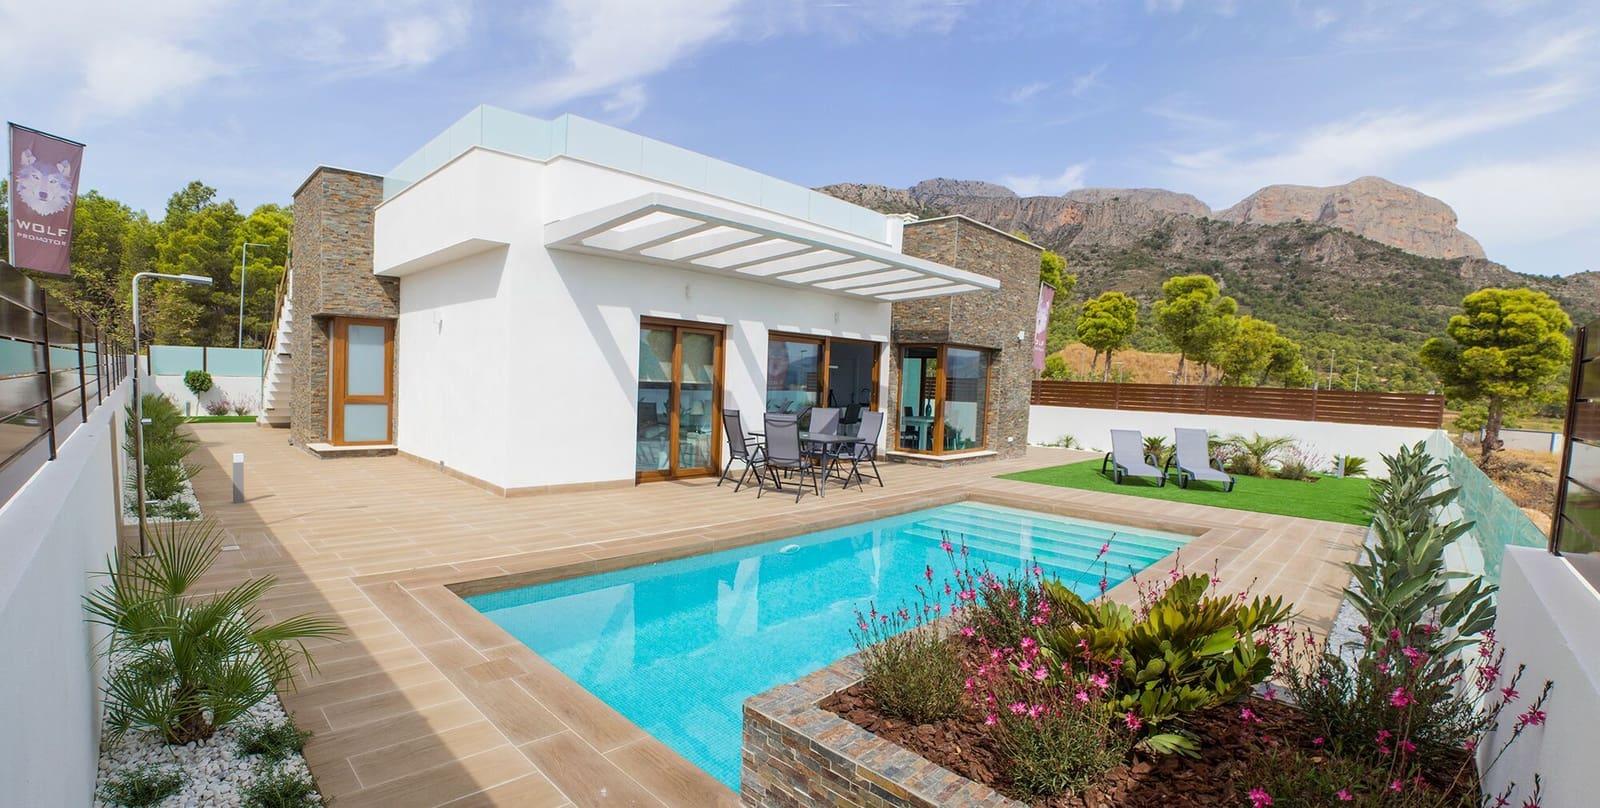 Chalet de 3 habitaciones en Polop en venta con piscina - 330.000 € (Ref: 4523370)